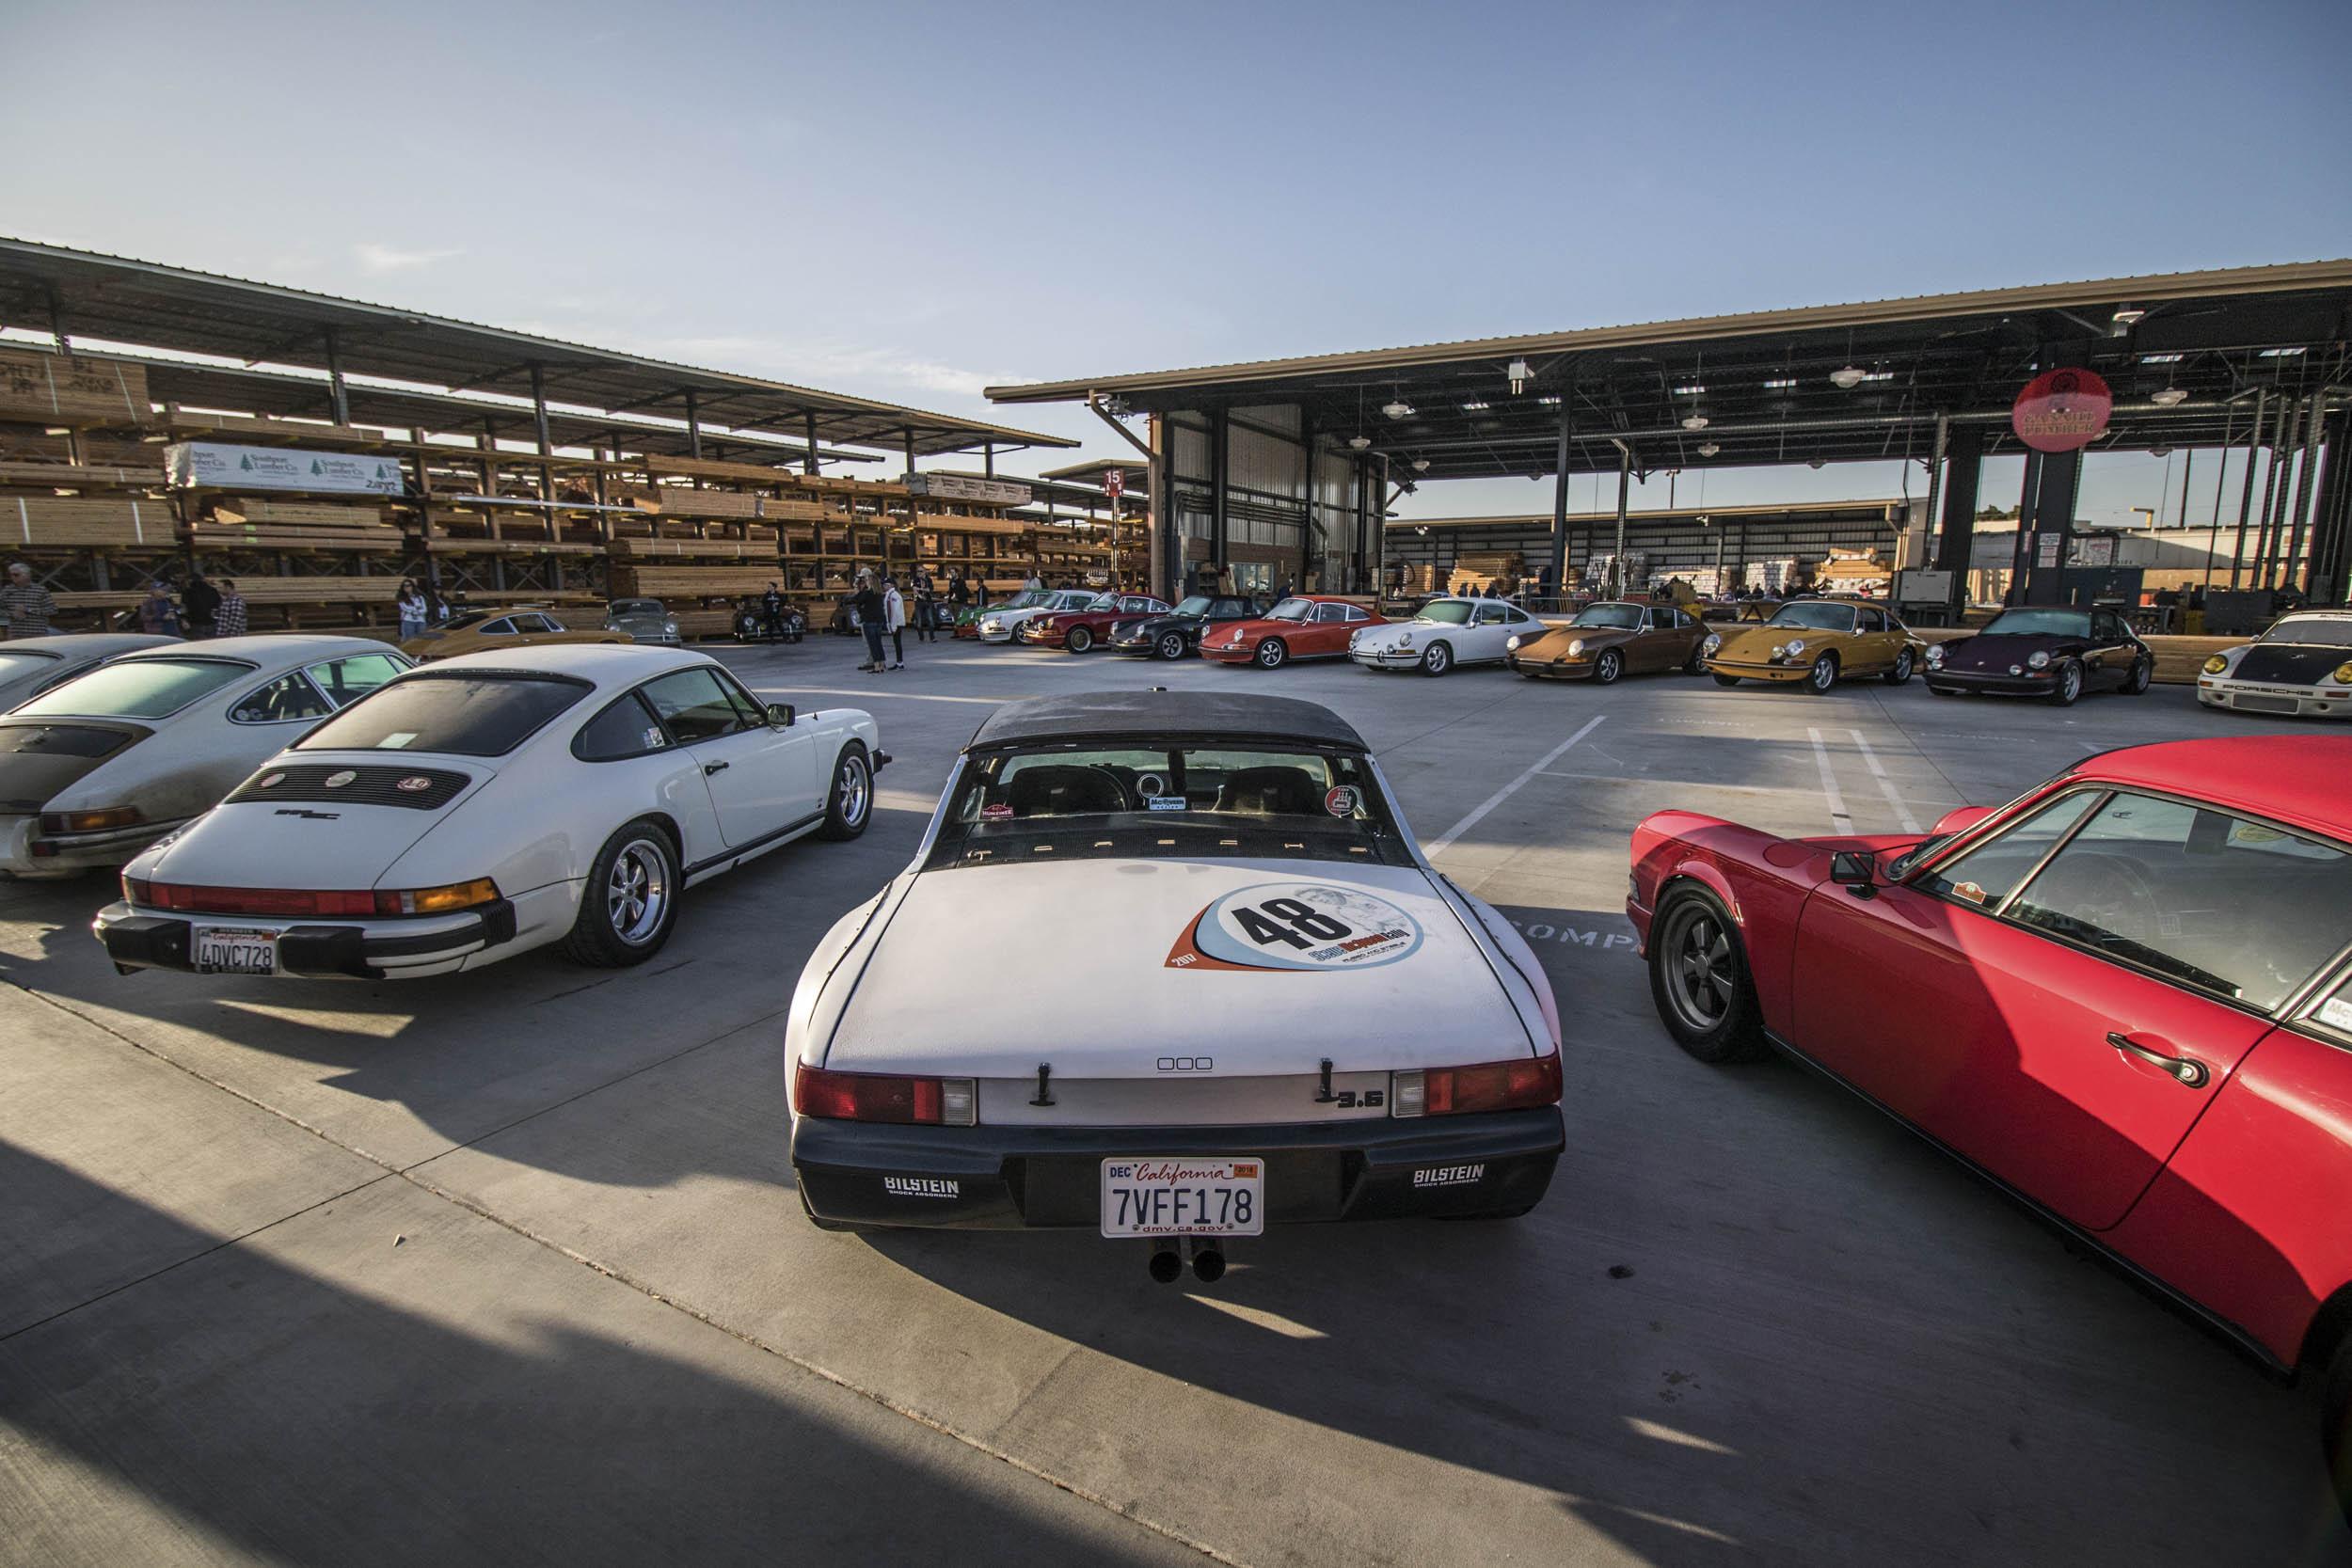 Luftgekühlt Porsche car show